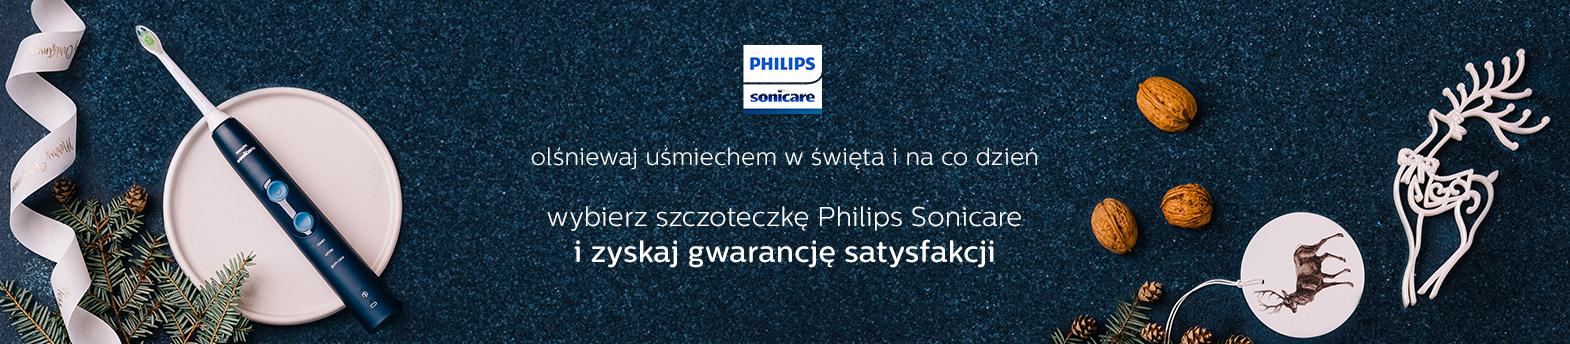 Philips Sonicare szczoteczki - satysfakcja albo zwrot pieniędzy